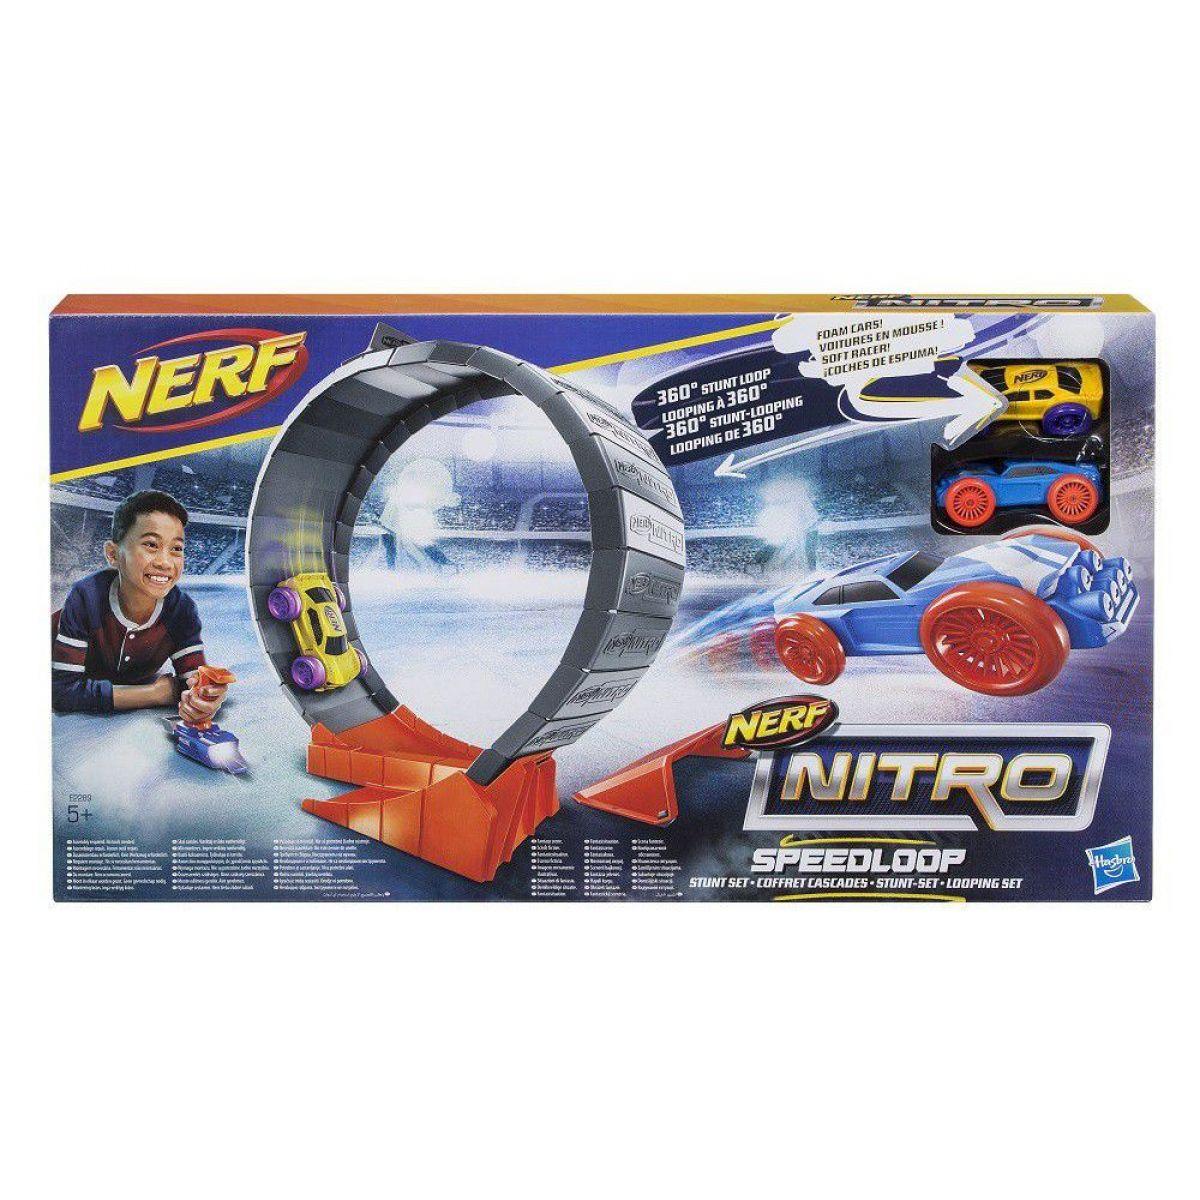 Nerf Nitro Speedloop překážka - Poškozený obal